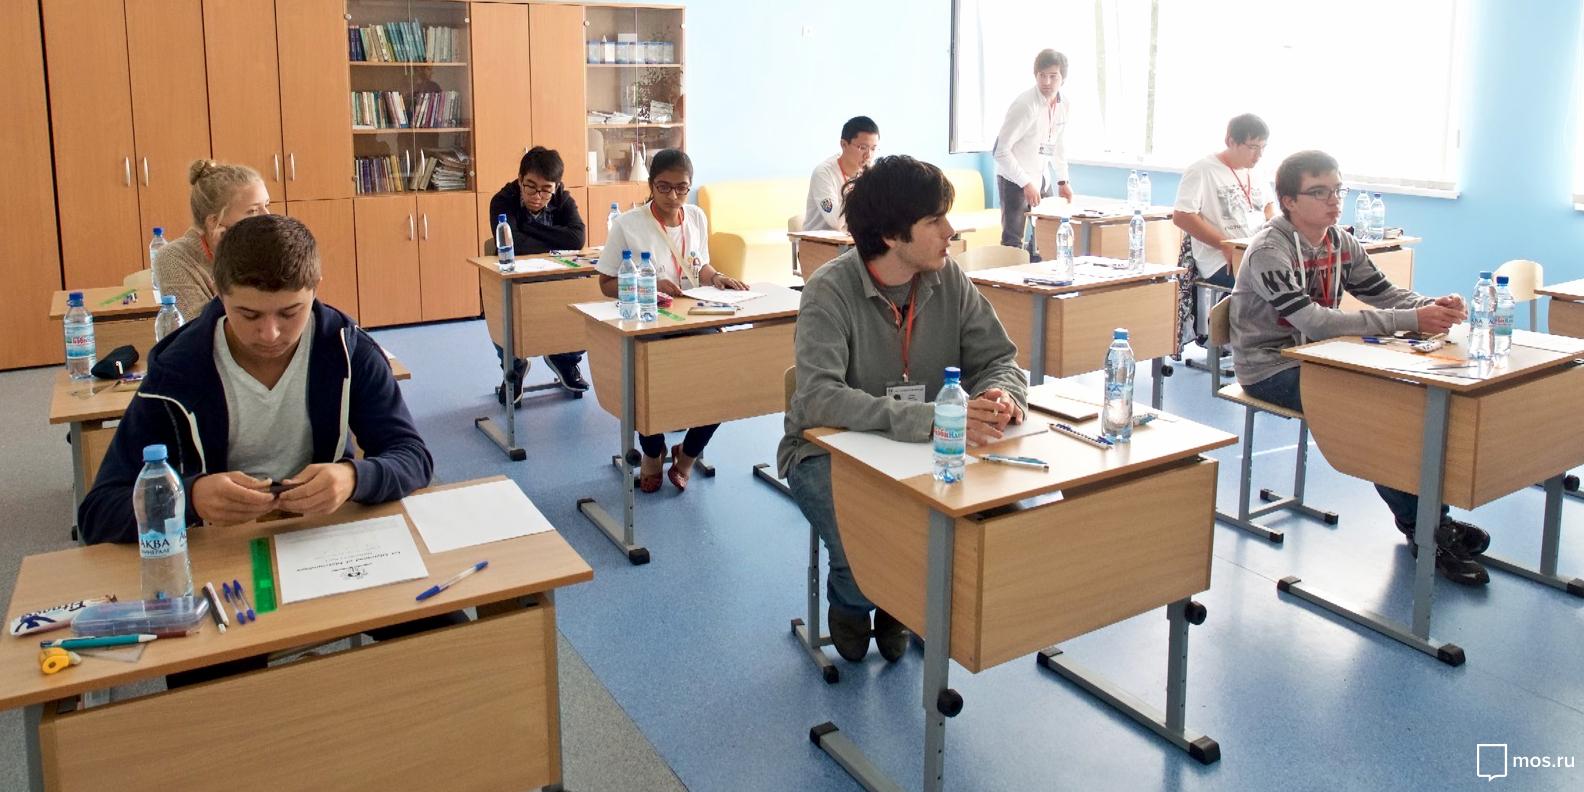 Исаак Калина рассказал об успехах московских школьников в изучении высокотехнологических отраслей